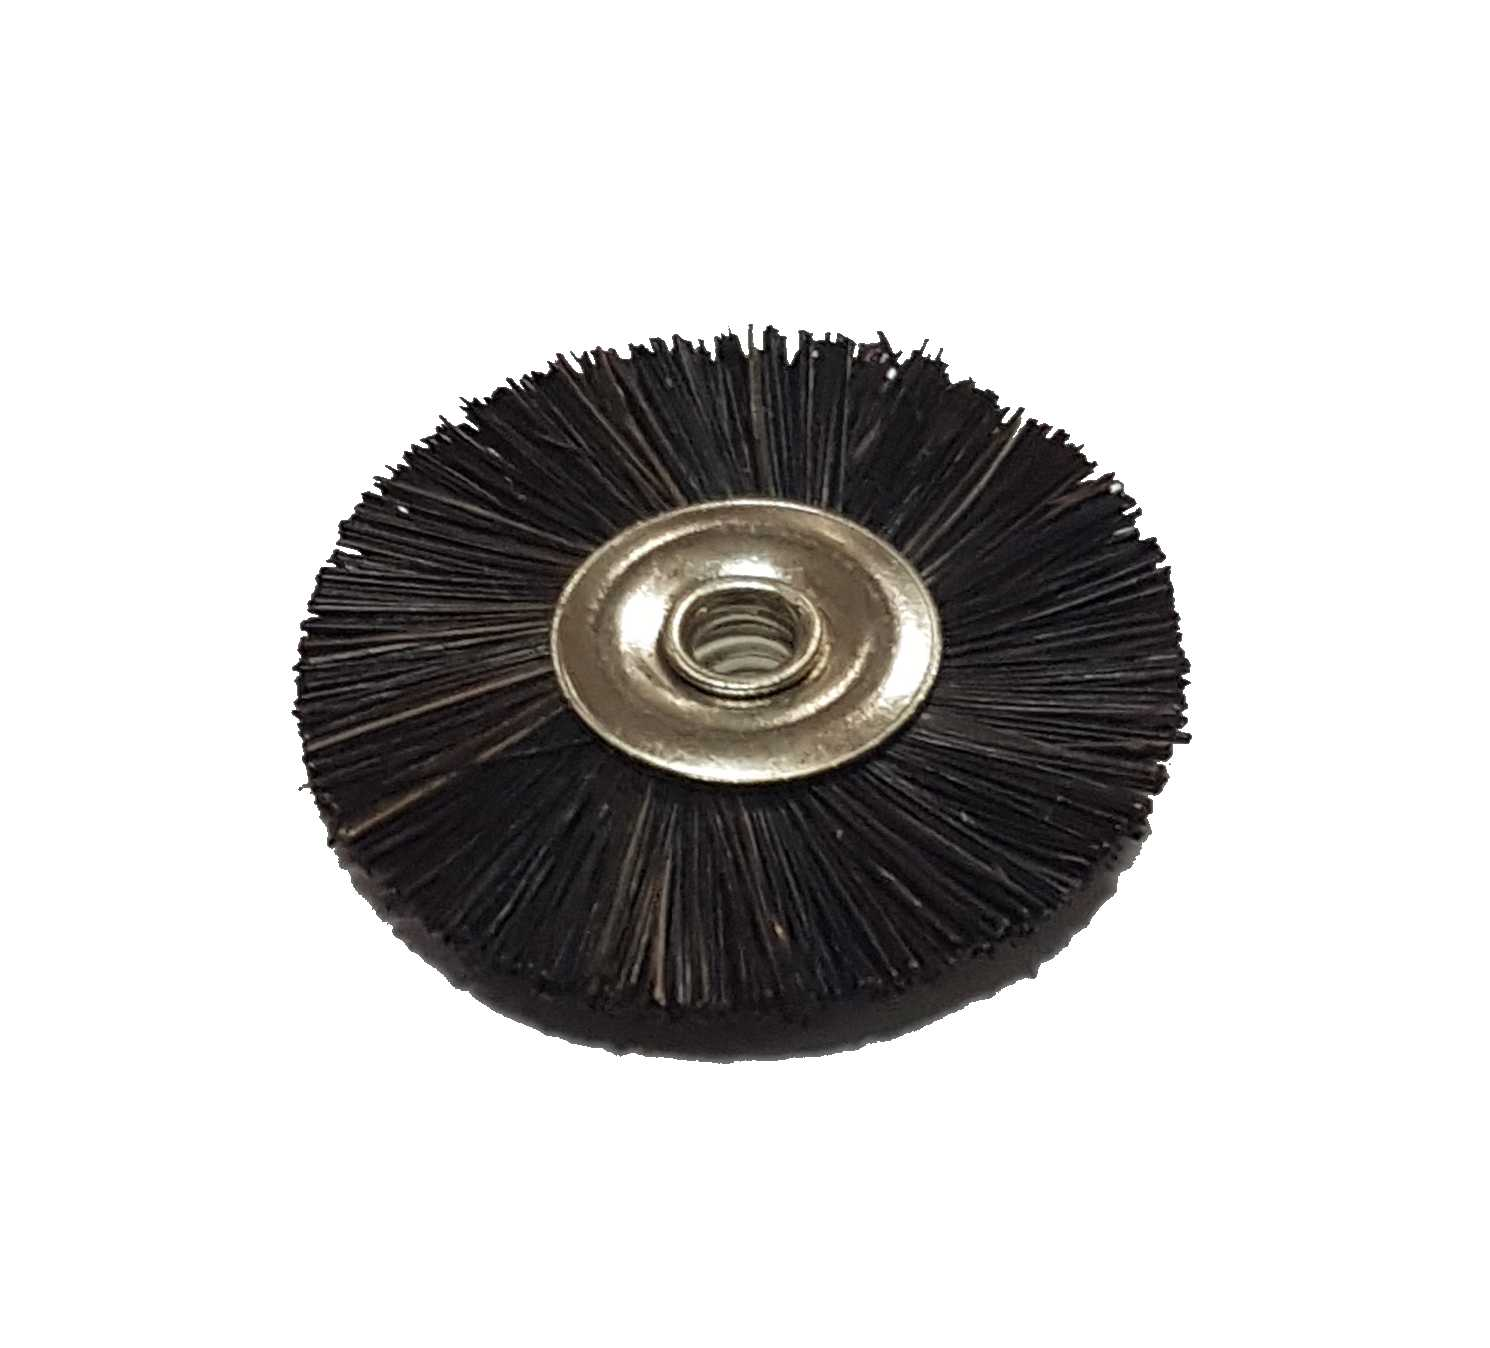 0,70€ Cepillo 22mm pelo negro